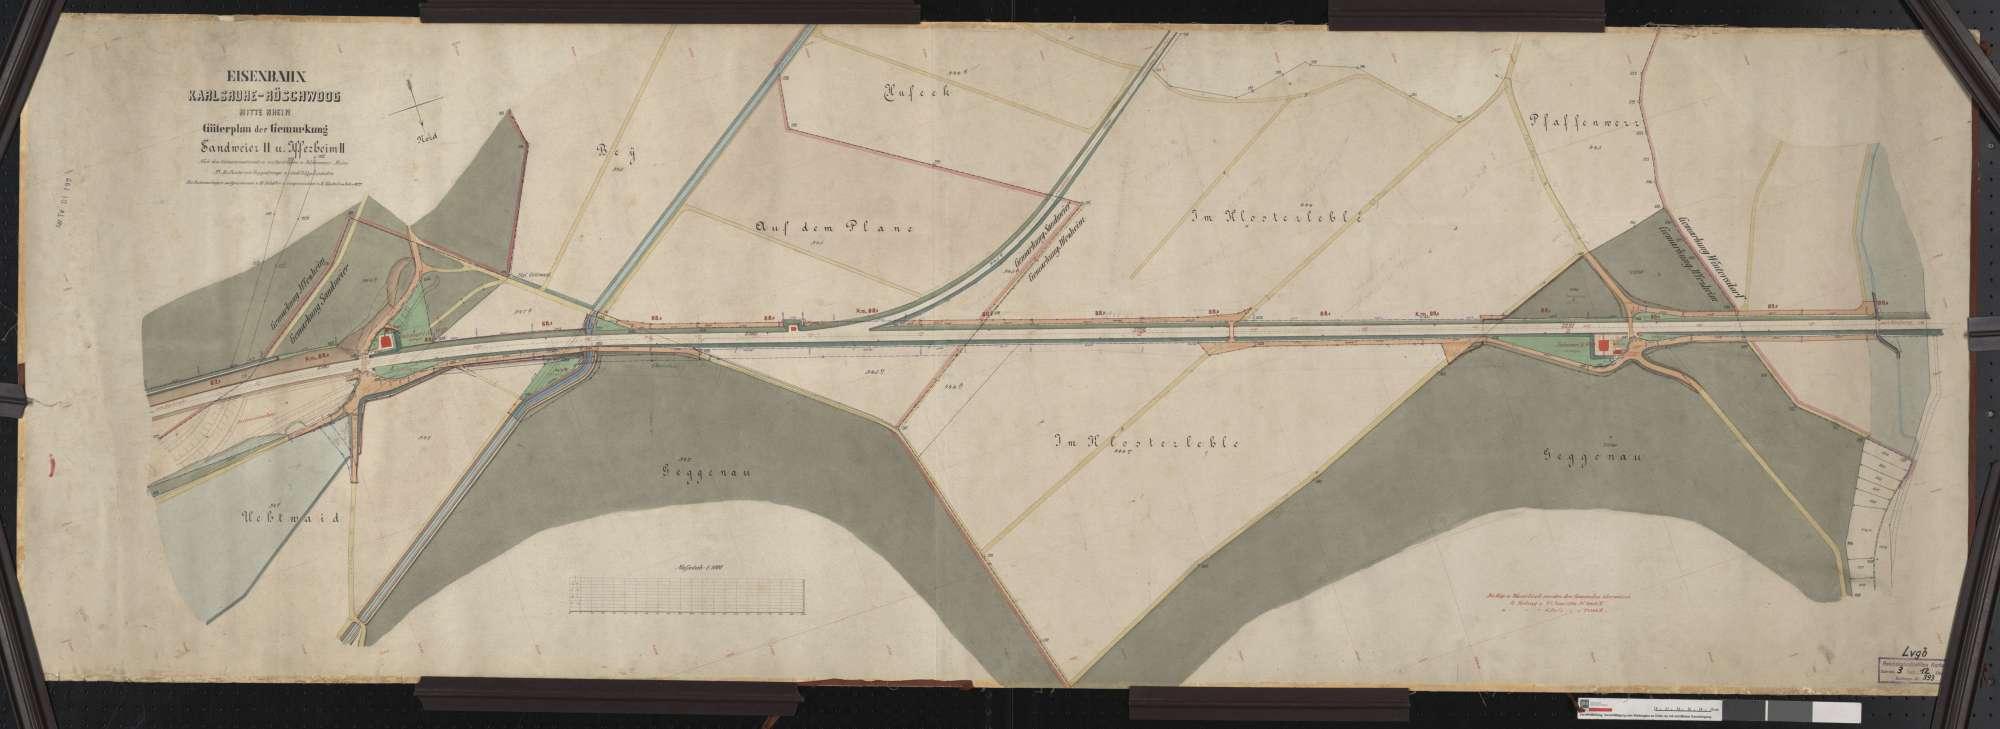 Güterplan der Bahn von Karlsruhe bis Röschwoog (Mitte Rhein): Gemarkungen Sandweier und Iffezheim Streckenausschnitt: 87,9 bis 89,4 km, Bild 1